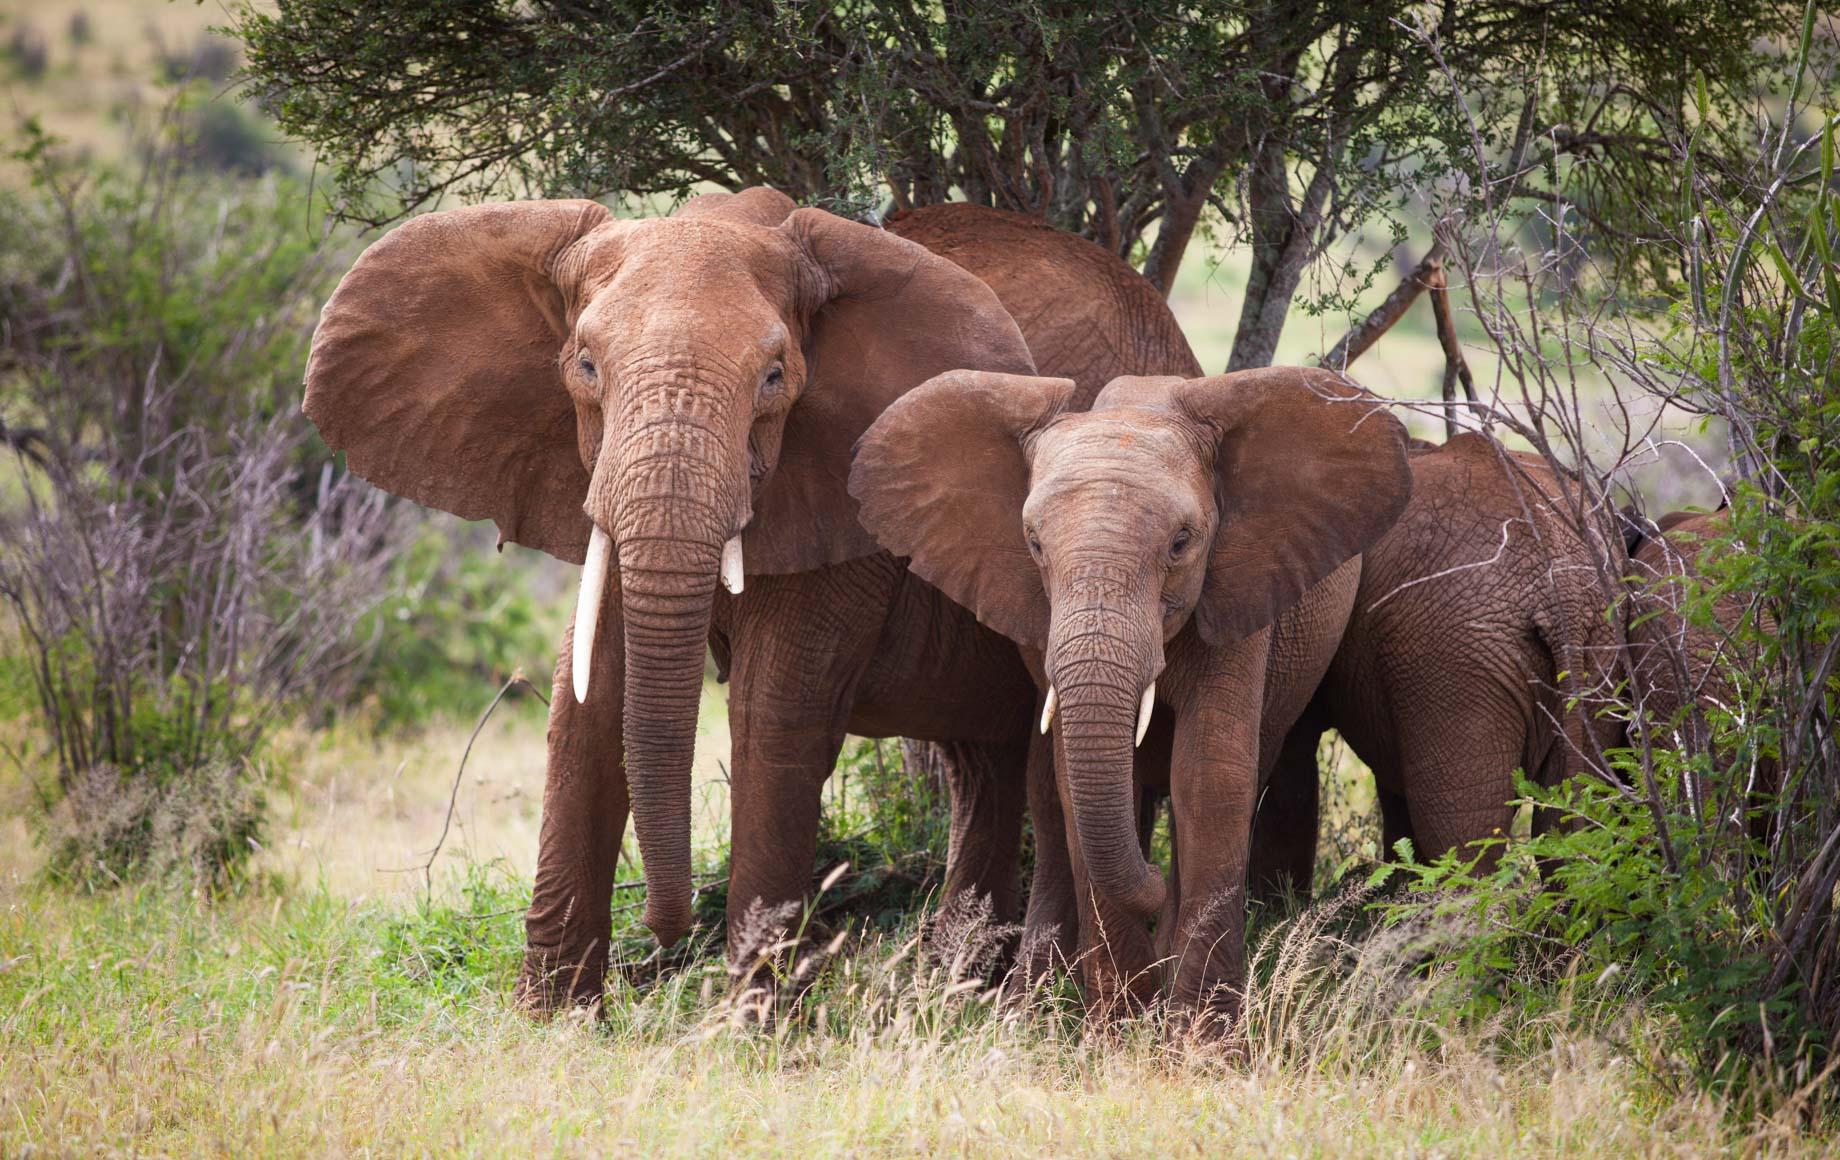 Elephants at Loisaba Conservancy